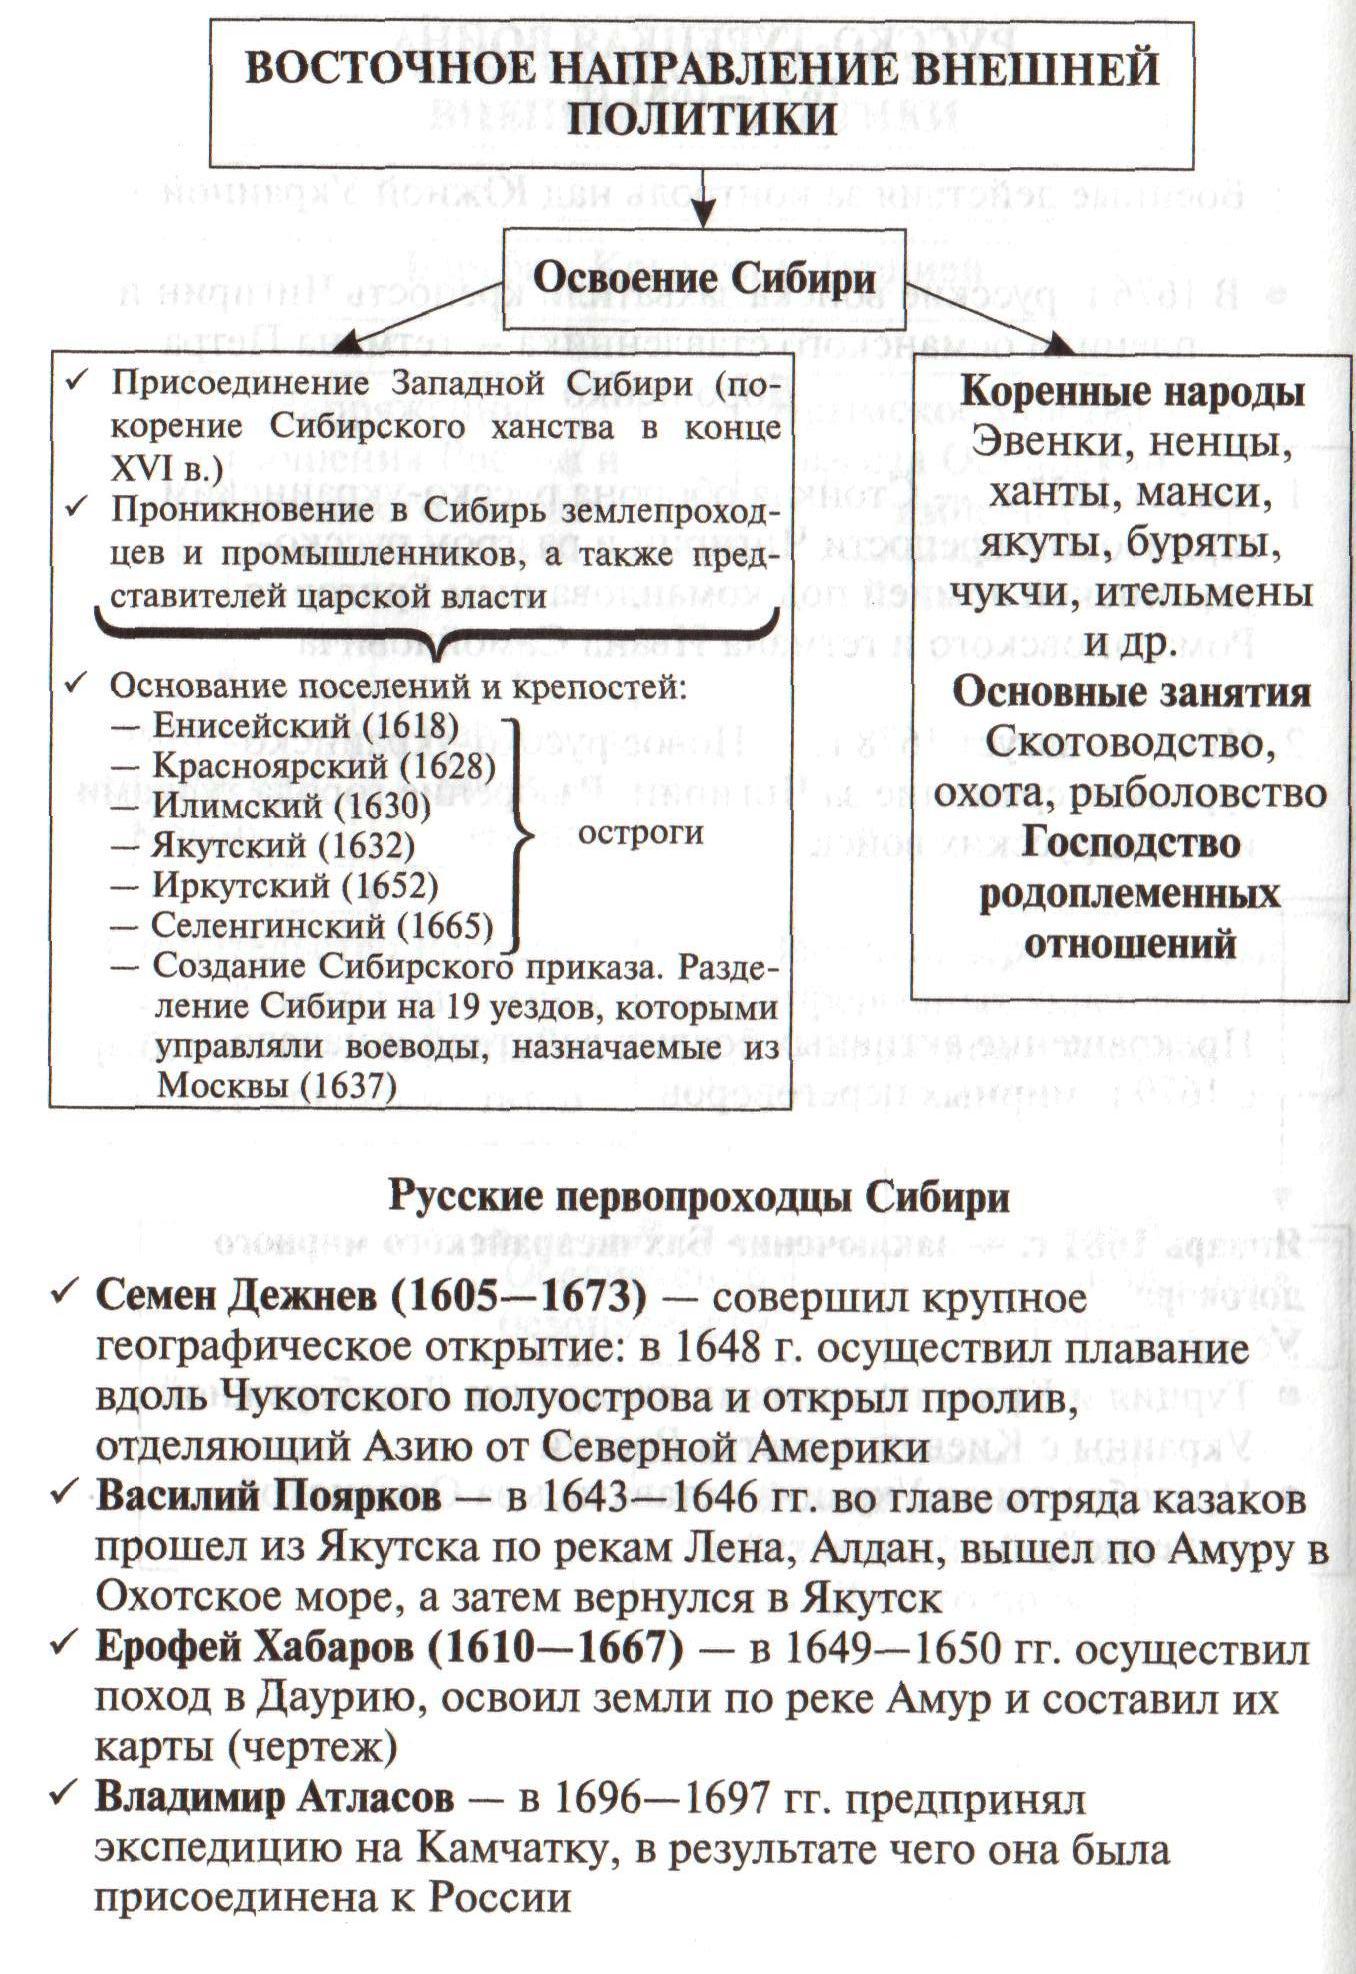 C:\Documents and Settings\Admin\Мои документы\Мои рисунки\1.jpg